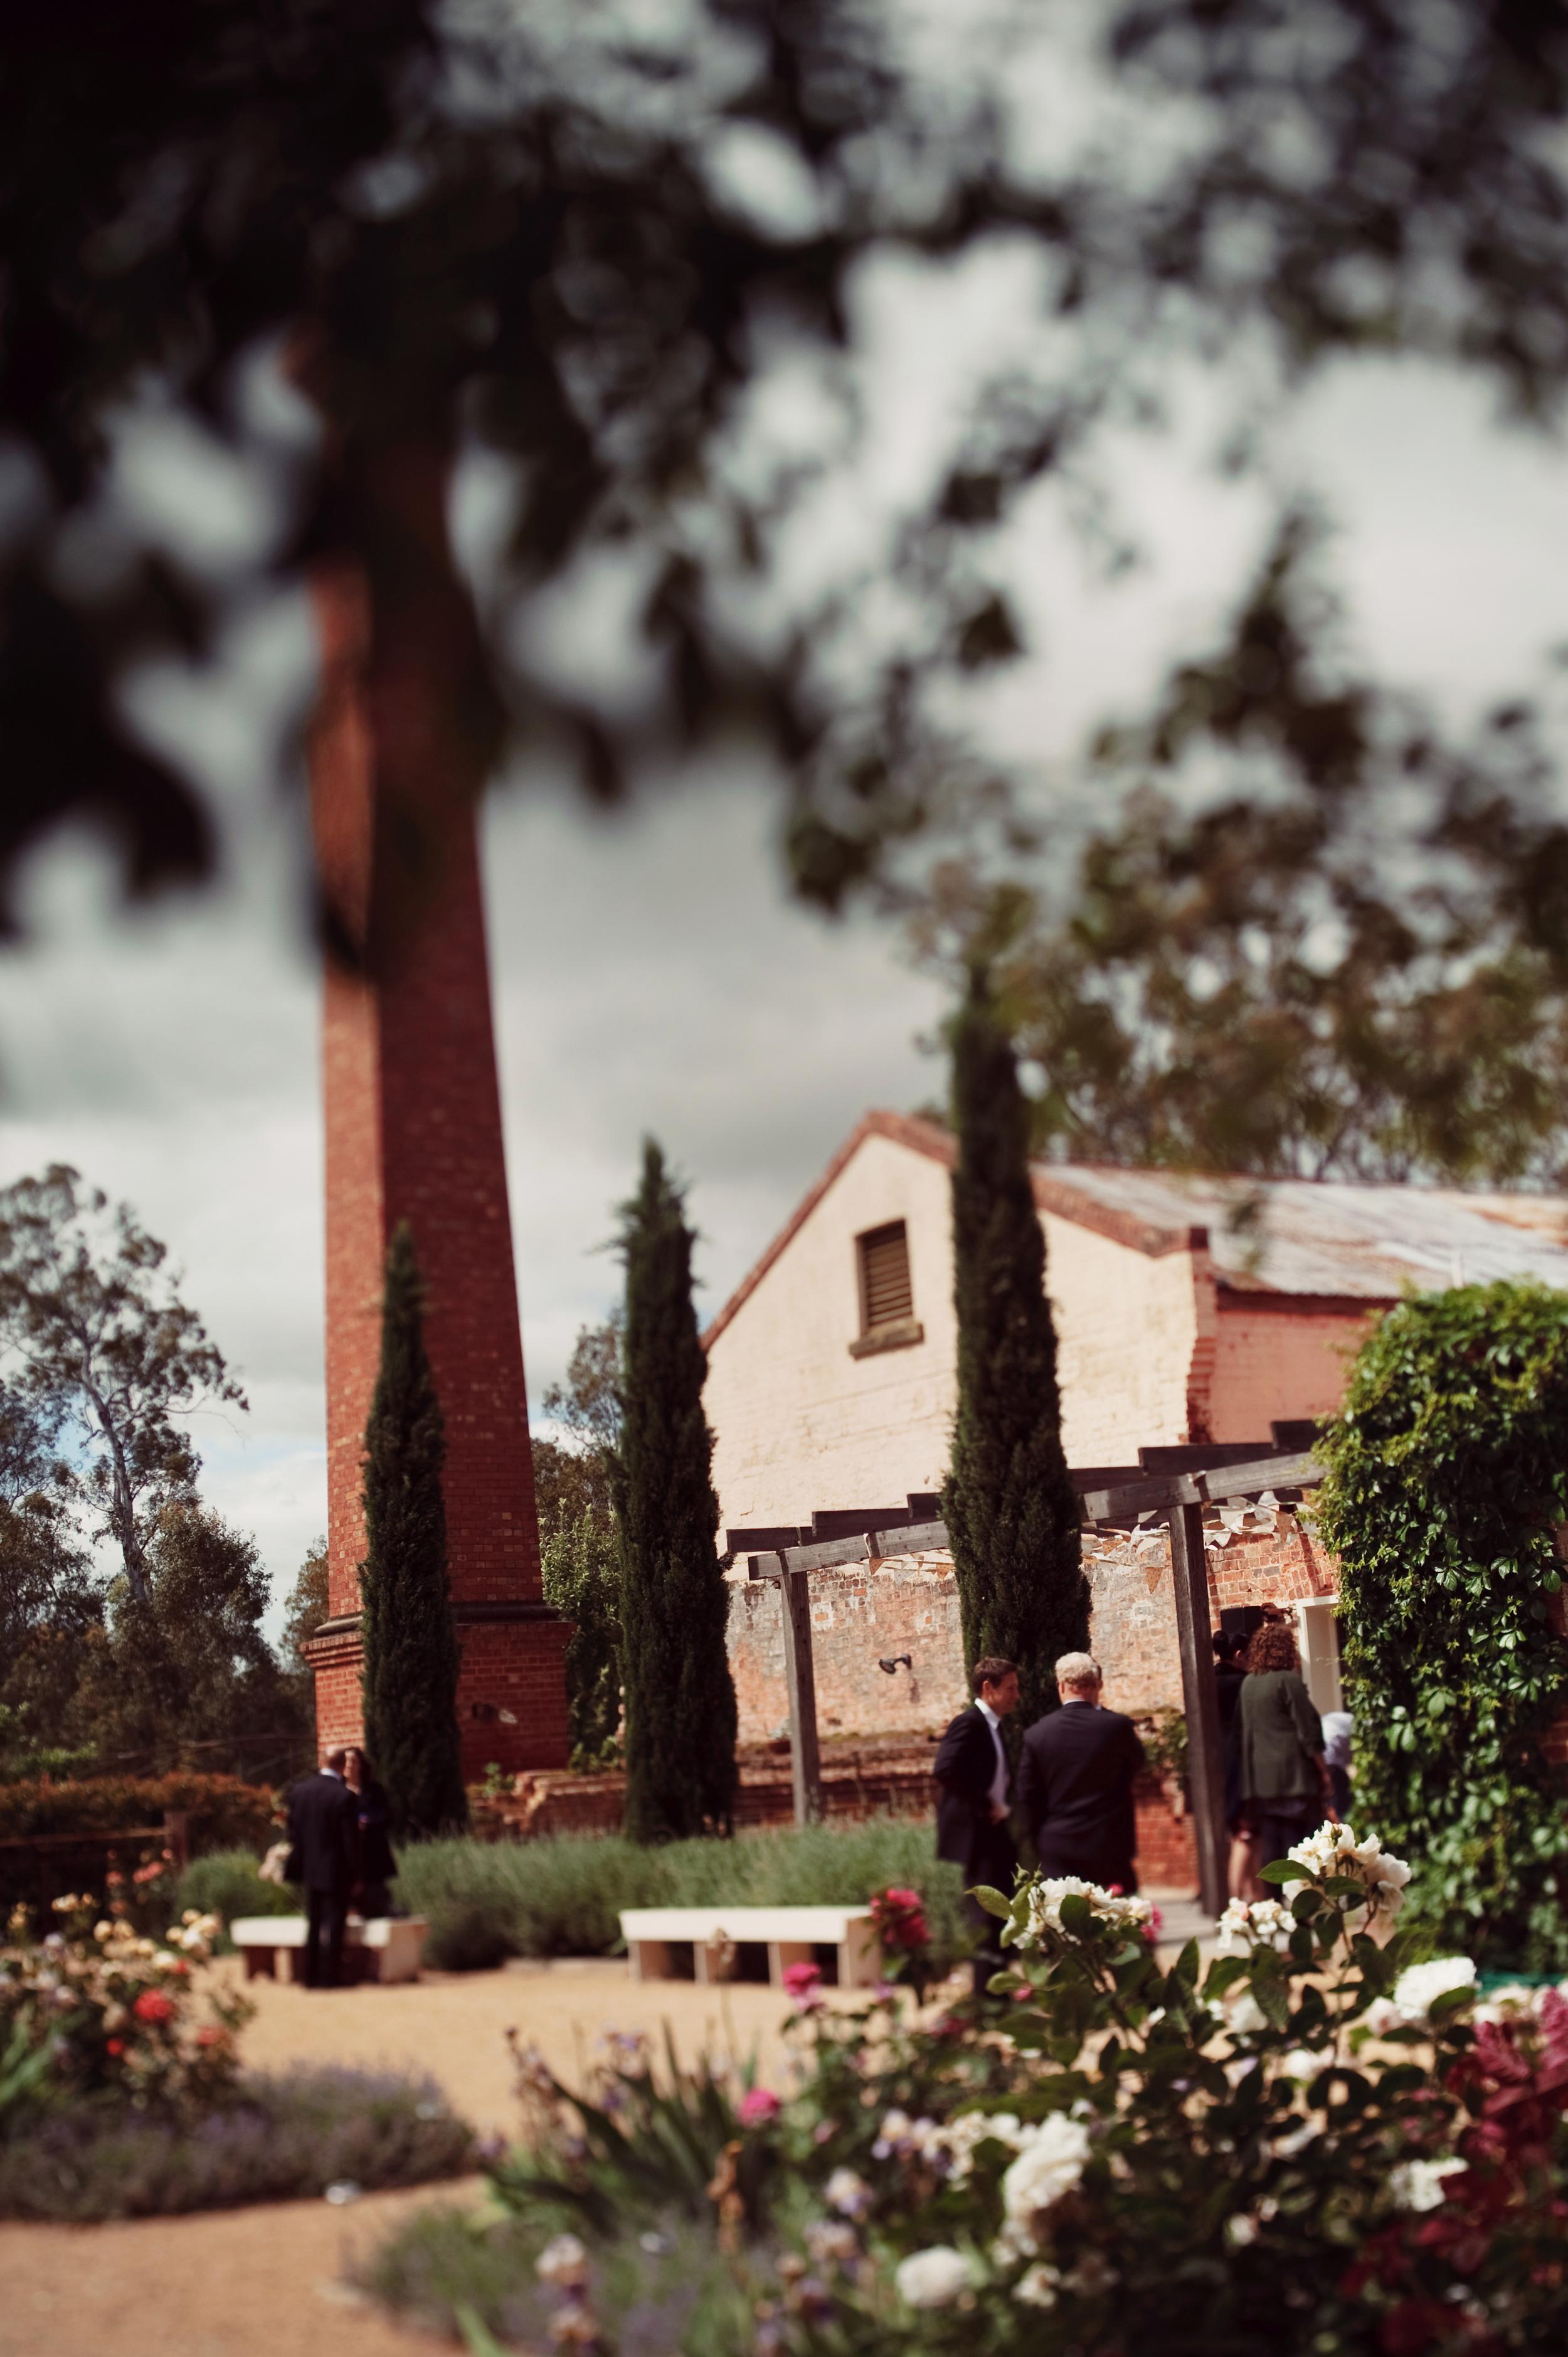 euroa_butter_factory_wedding_photography_60.jpg